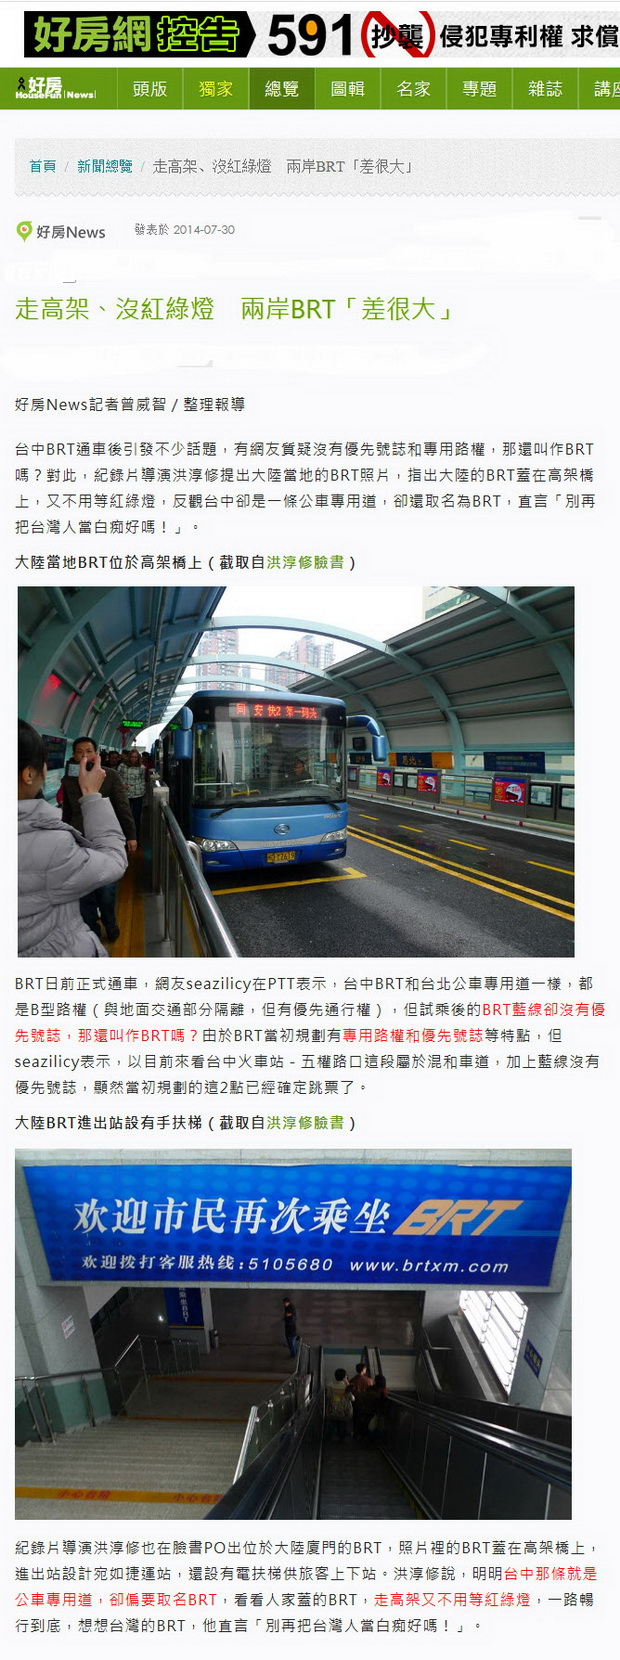 走高架、沒紅綠燈 兩岸BRT「差很大」-2014.07.30.jpg